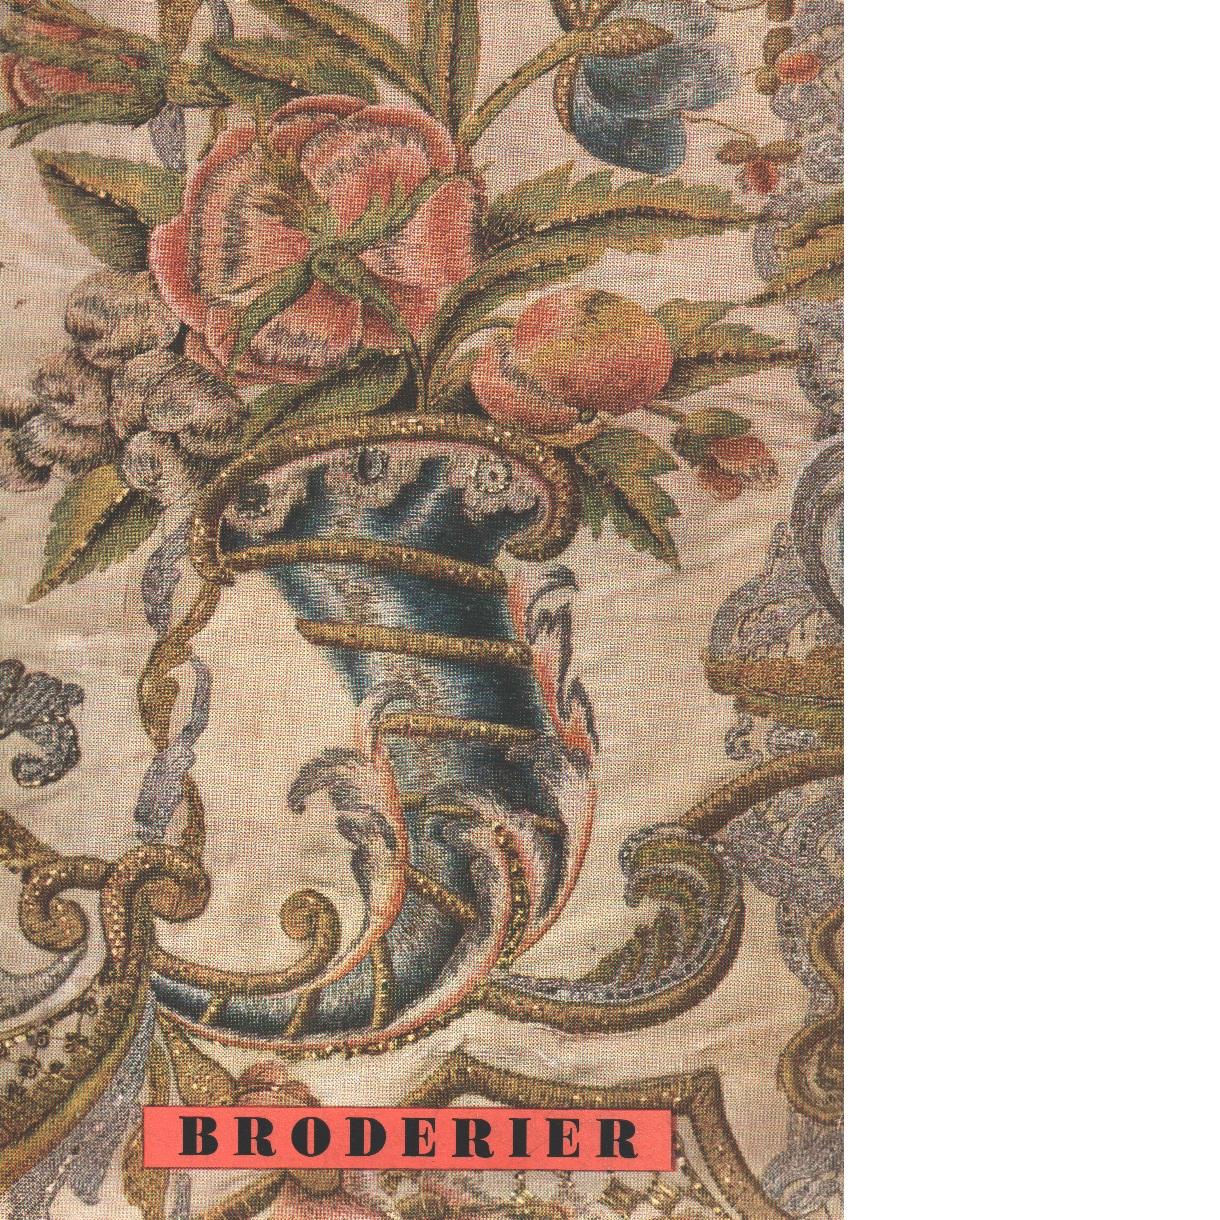 Broderier från herremans- och borgarhem 1500-1850 - Nylén, Anna-maja